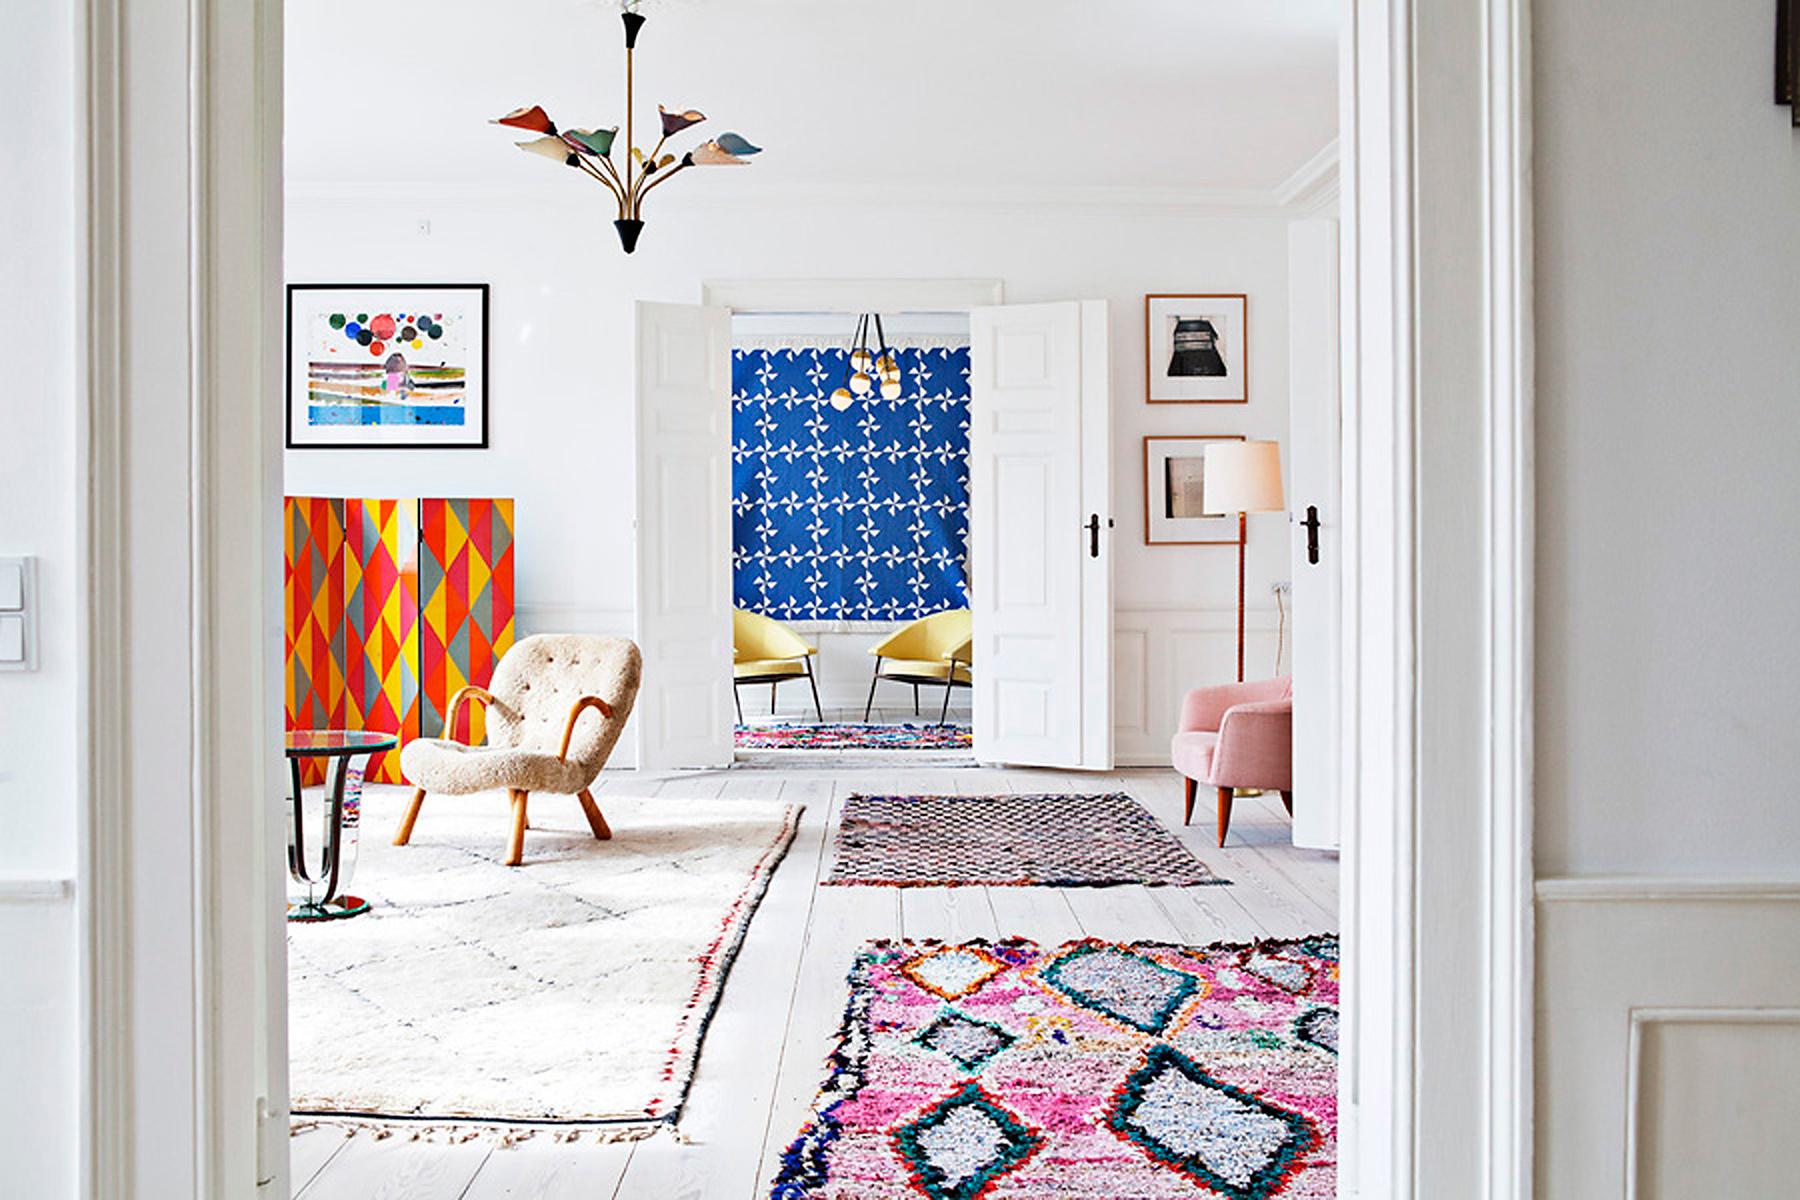 the_apartment_galeria_diseno_copenhague_921189099_1800x1200